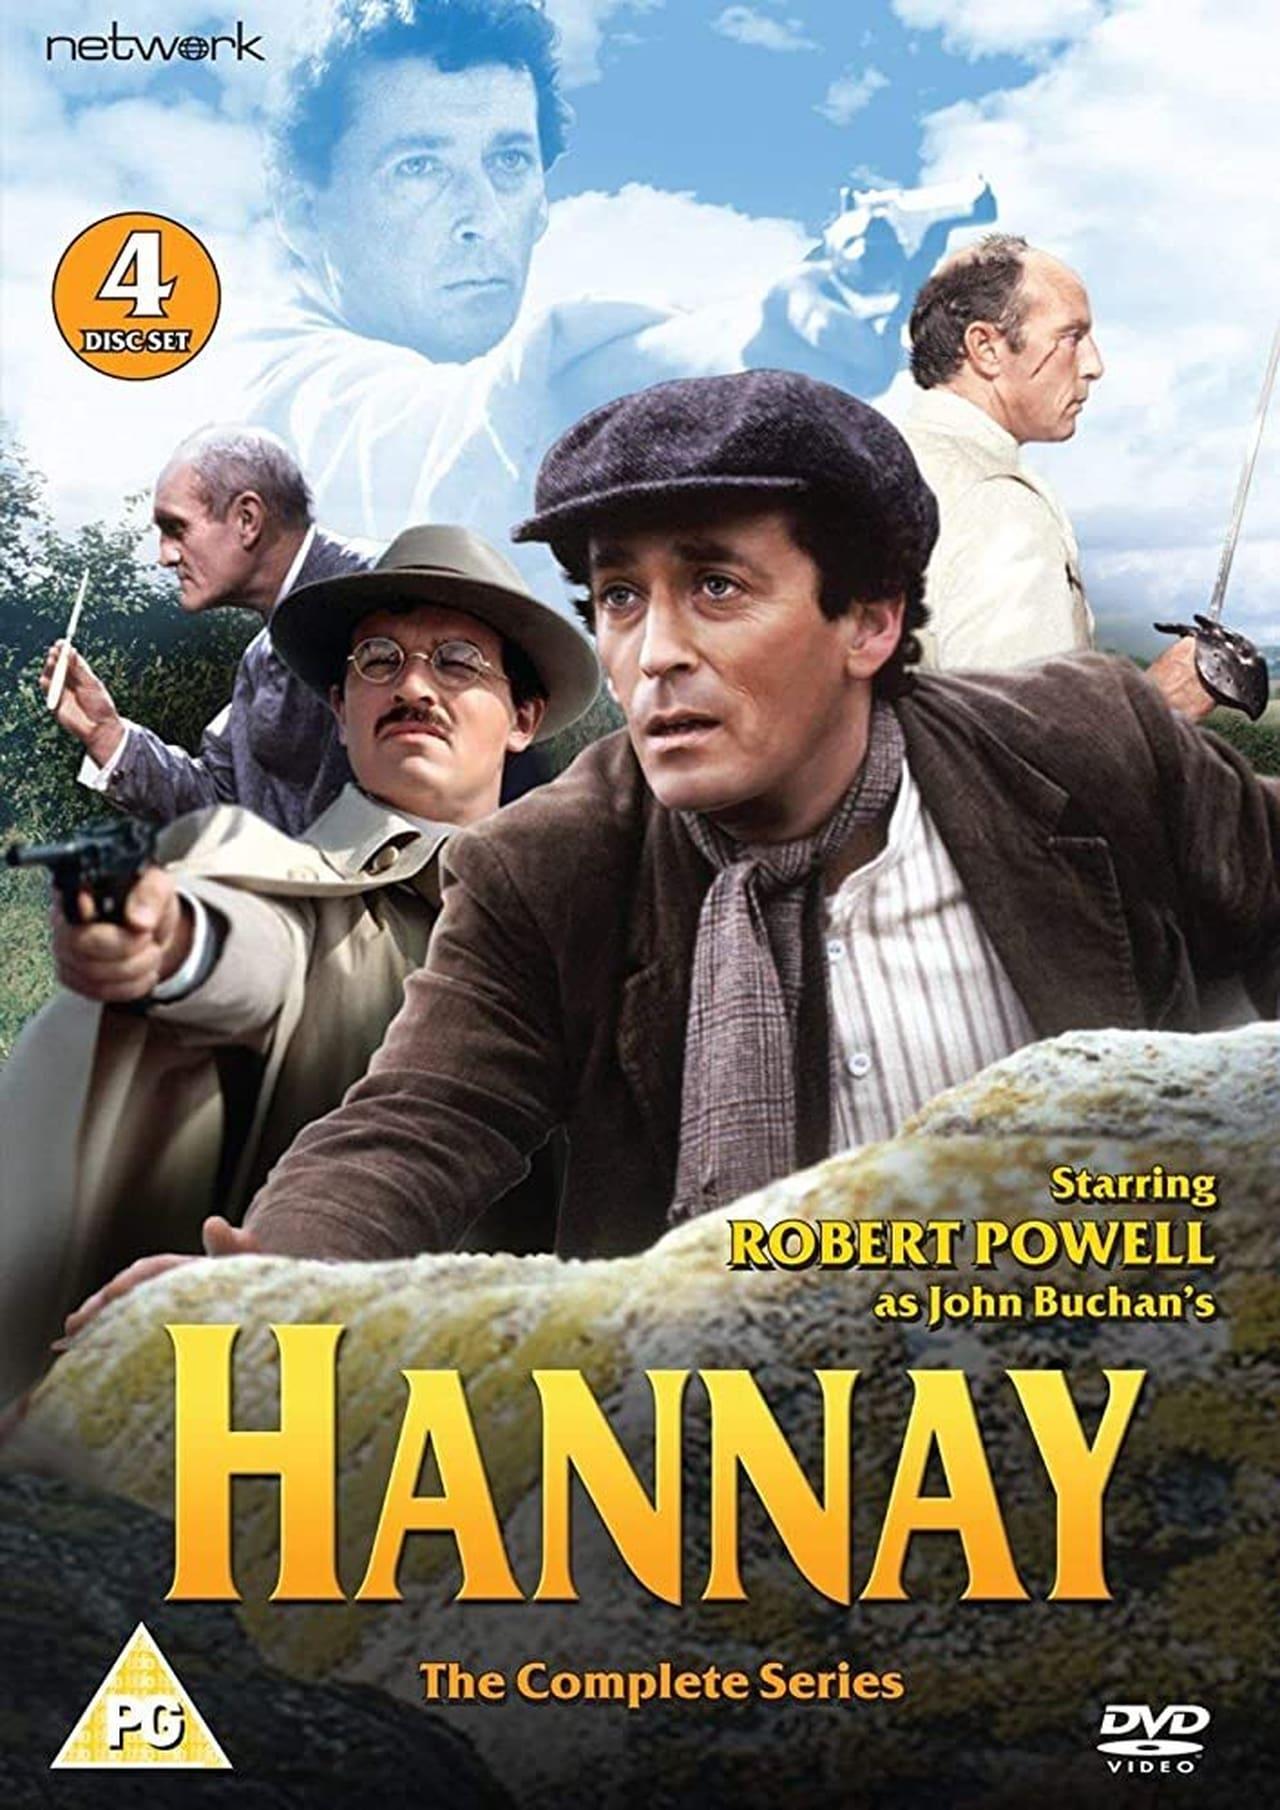 Hannay